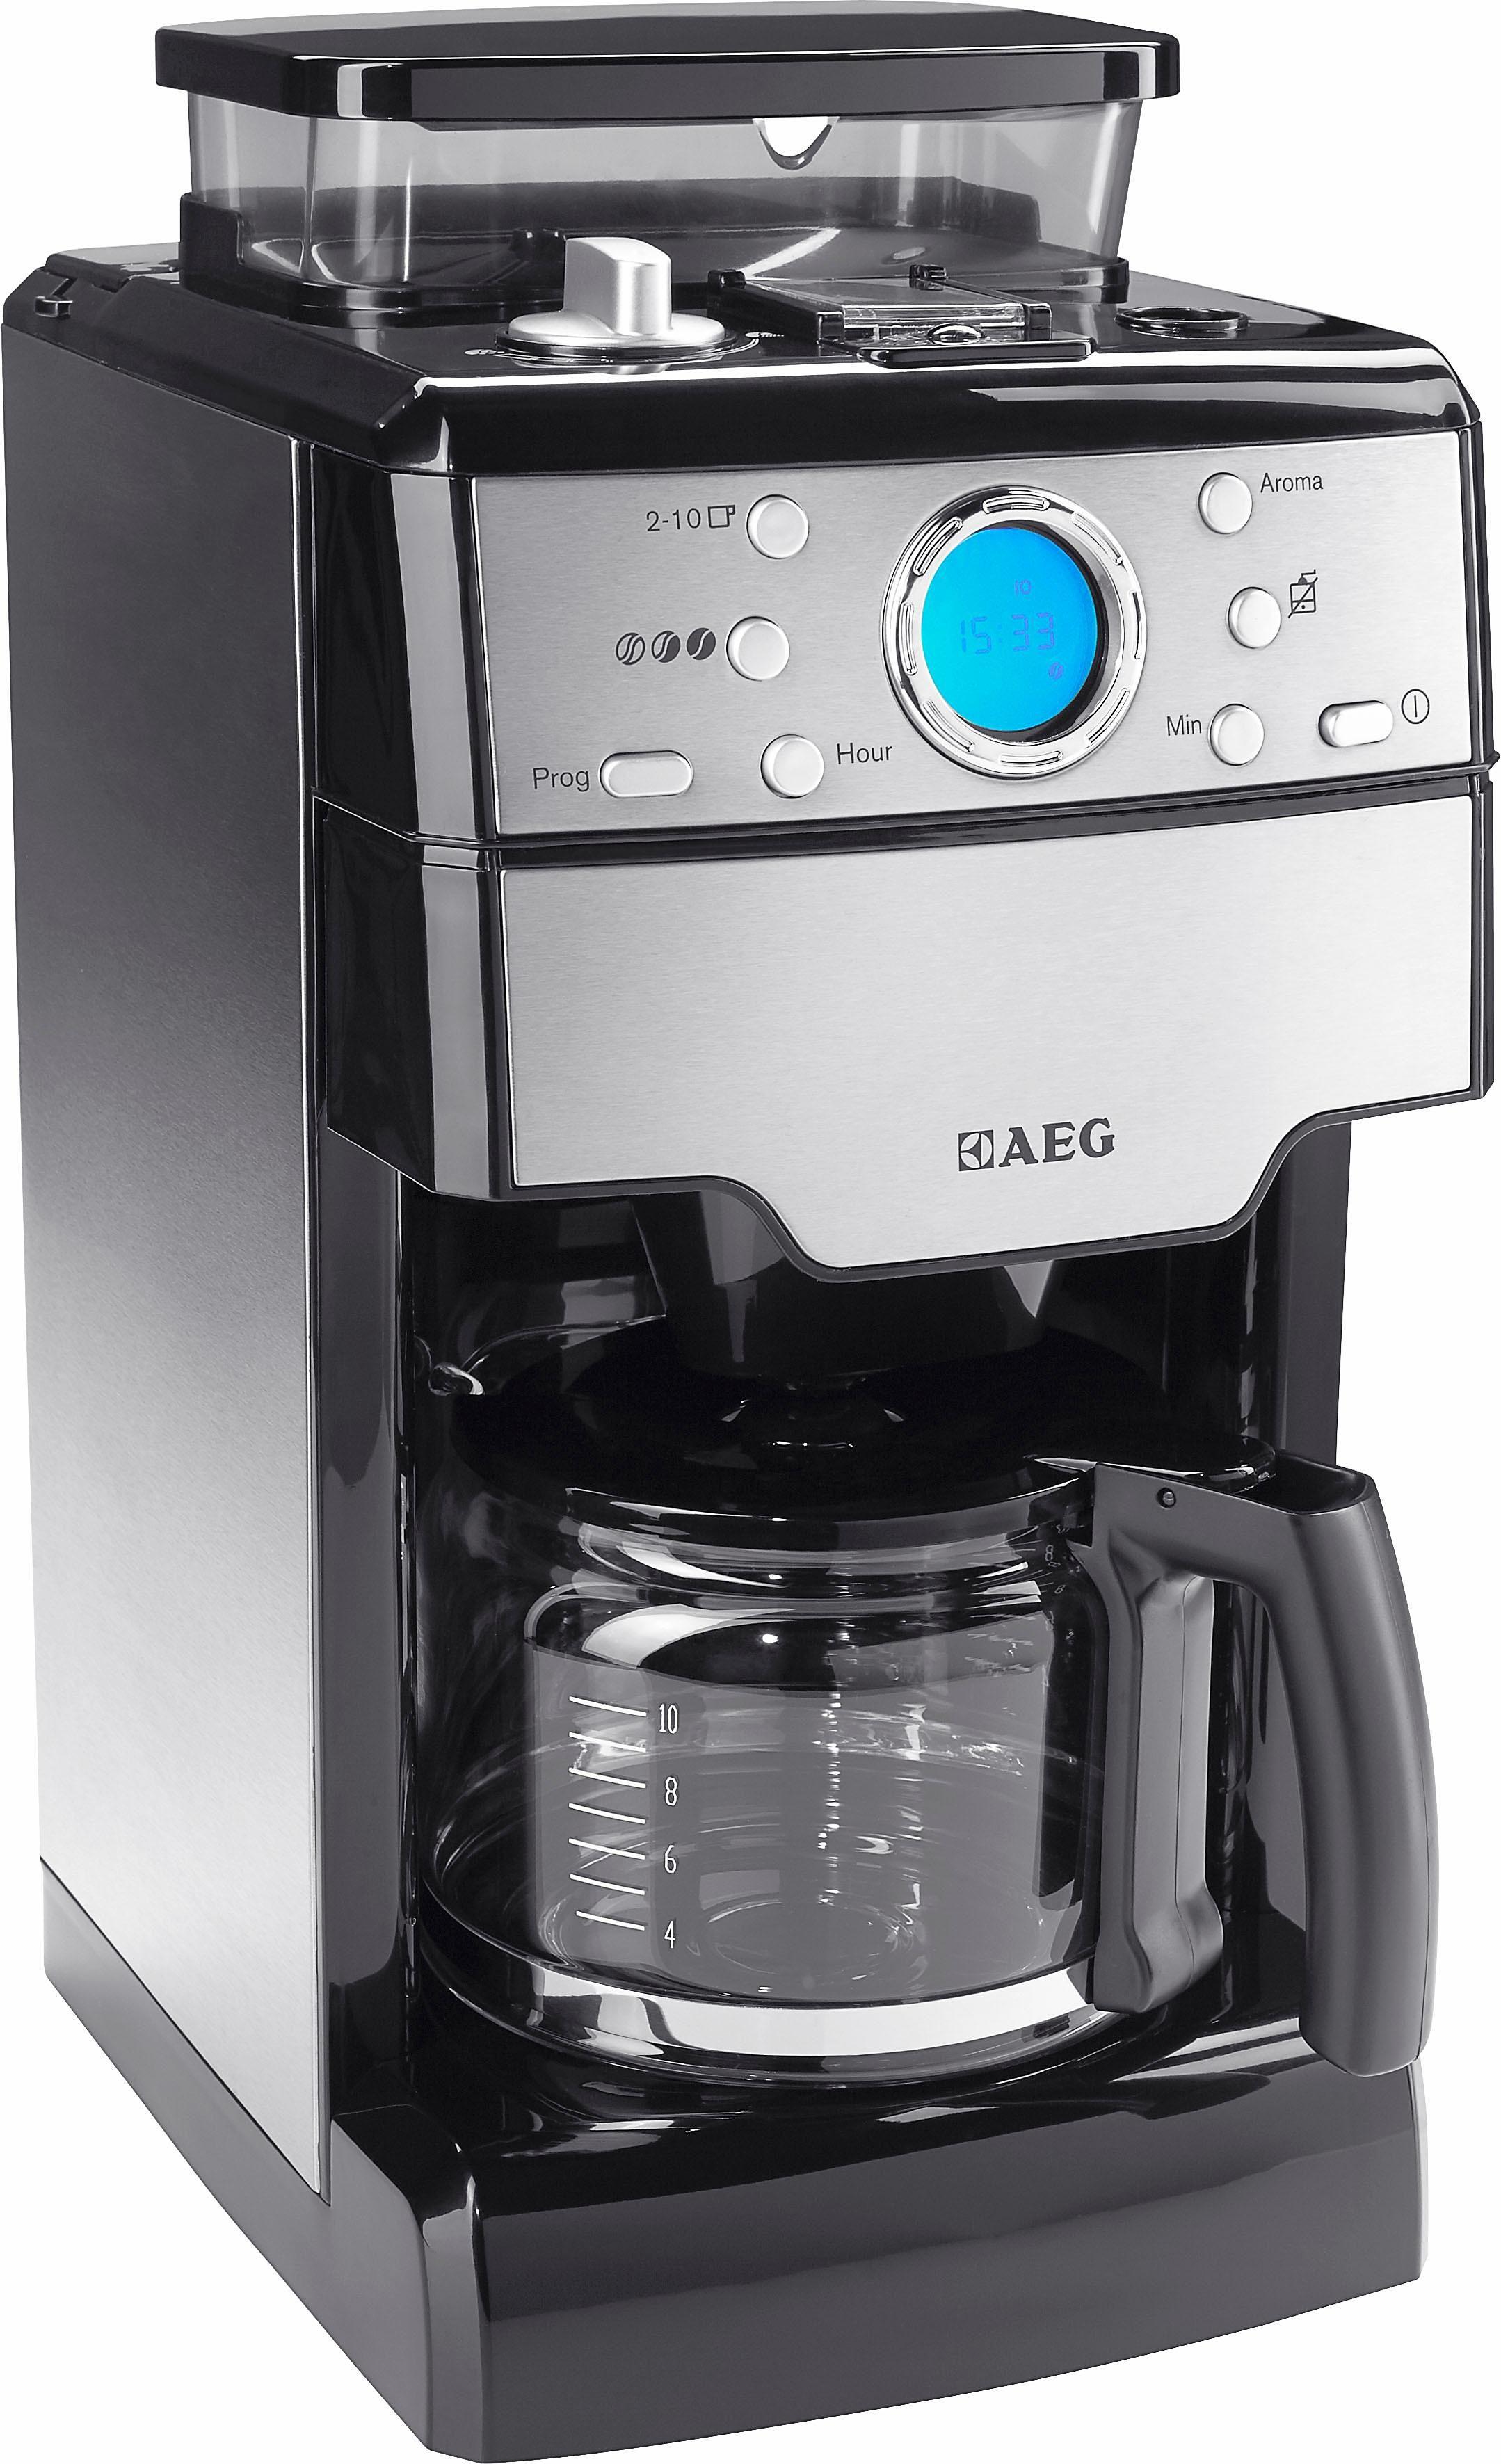 AEG Kaffeemaschine KAM 300 mit integrierter Kaffeemühle, Edelstahl / Schwarz